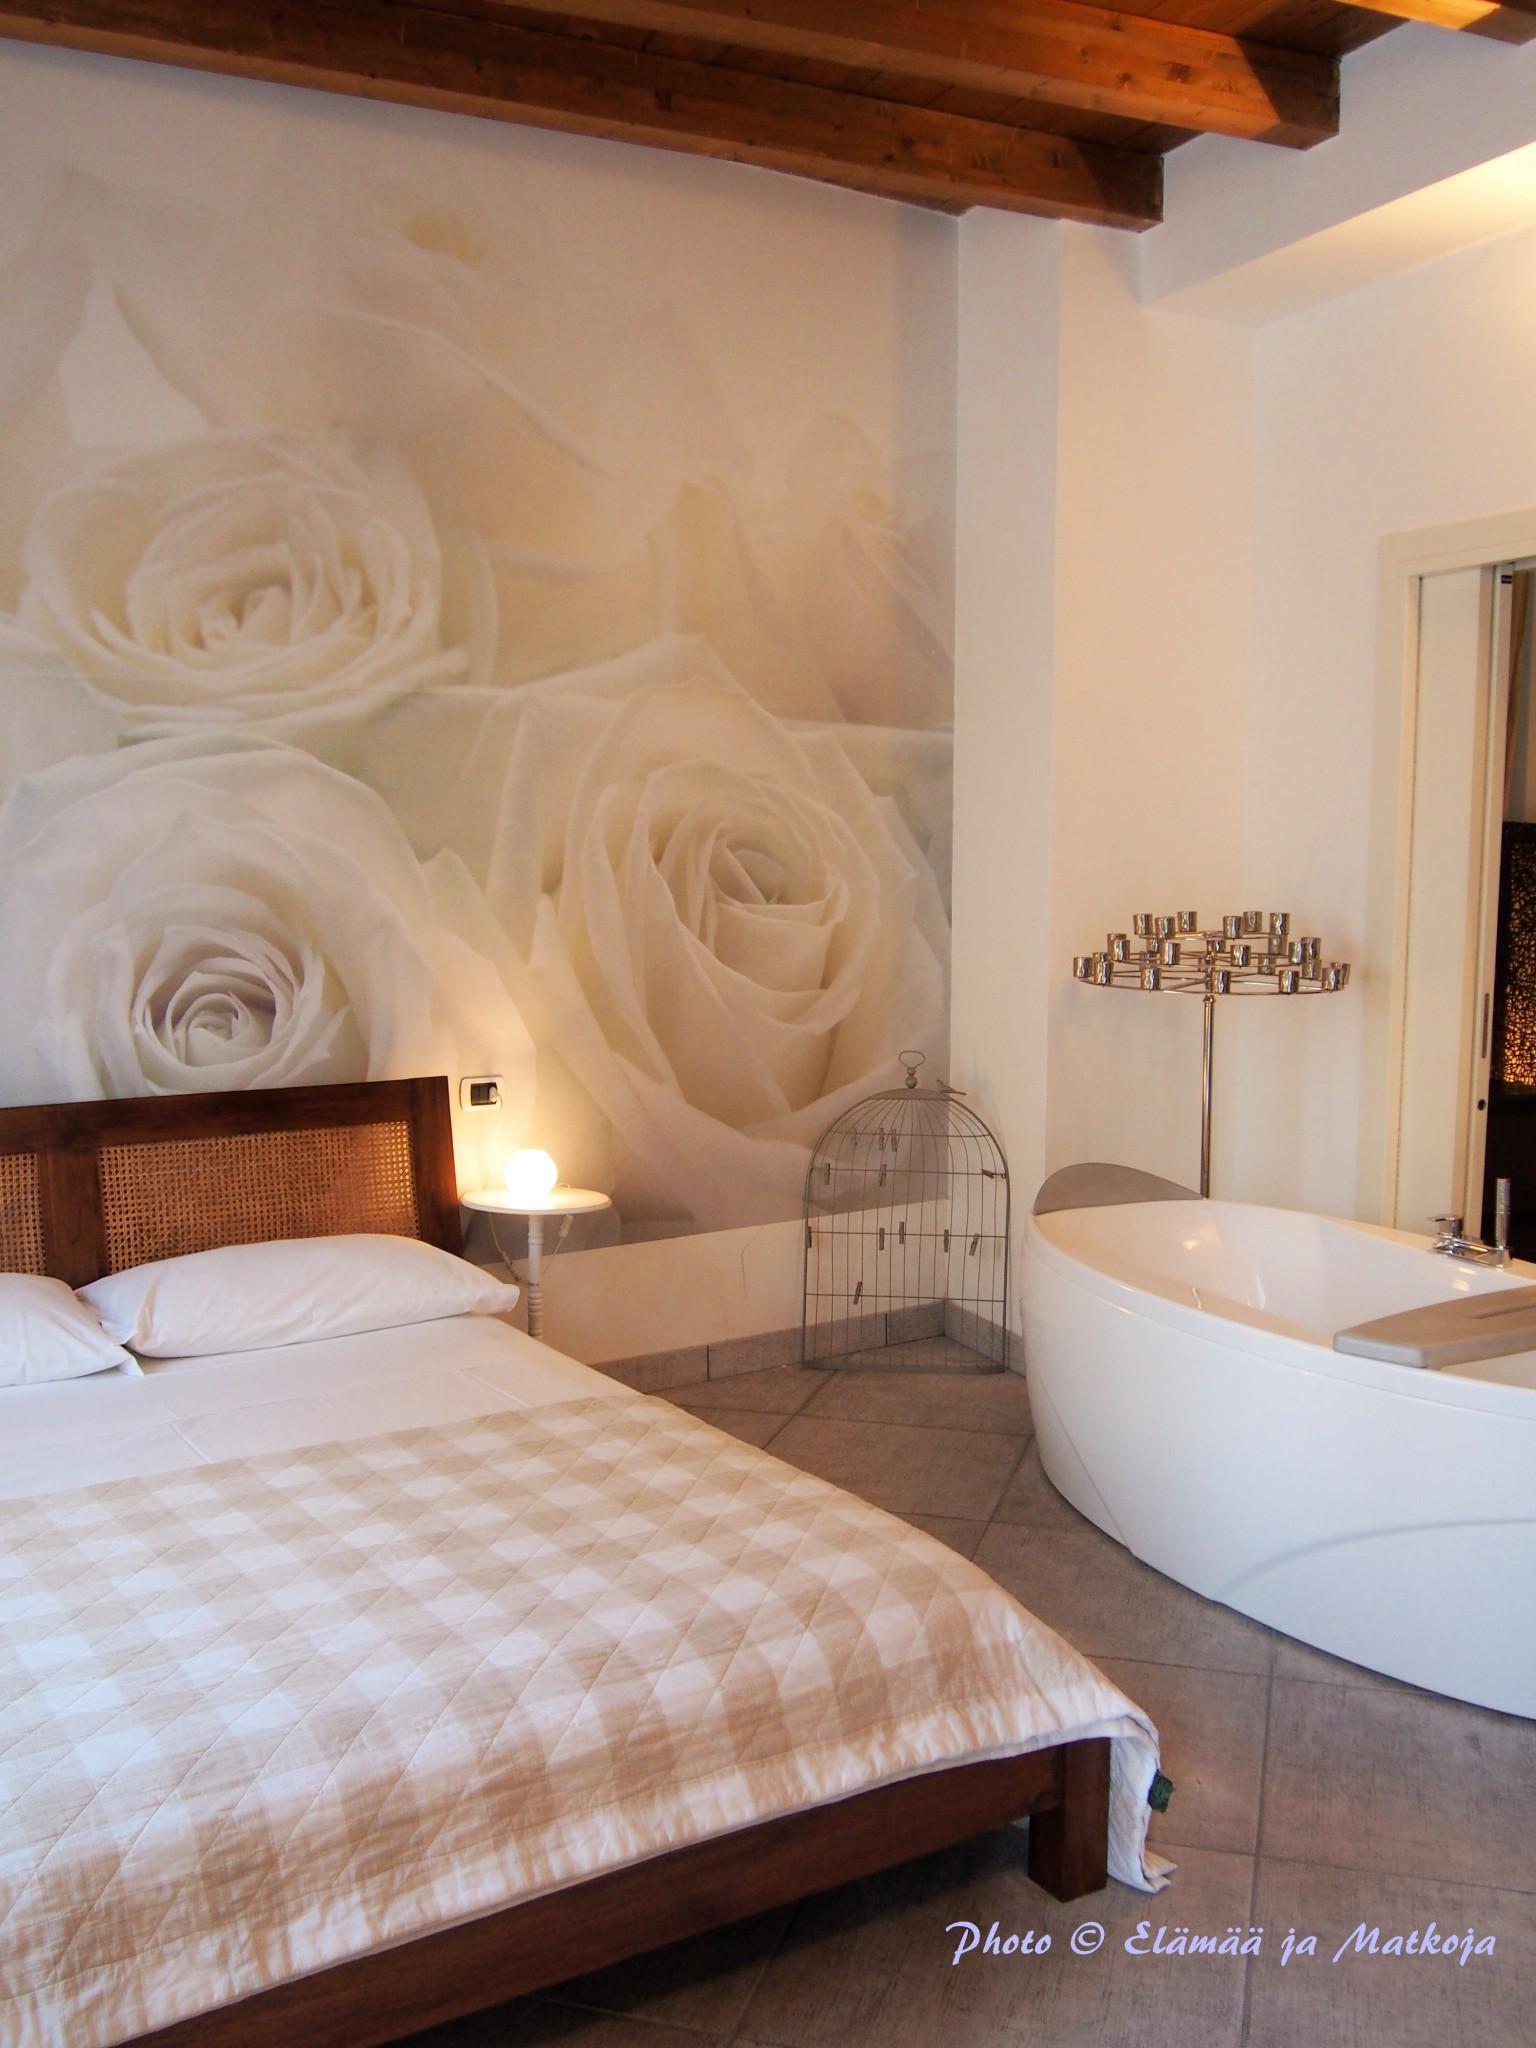 Villa Maggie Bianco e Nero bedroom Elämää ja Matkoja matkablogi travel blog